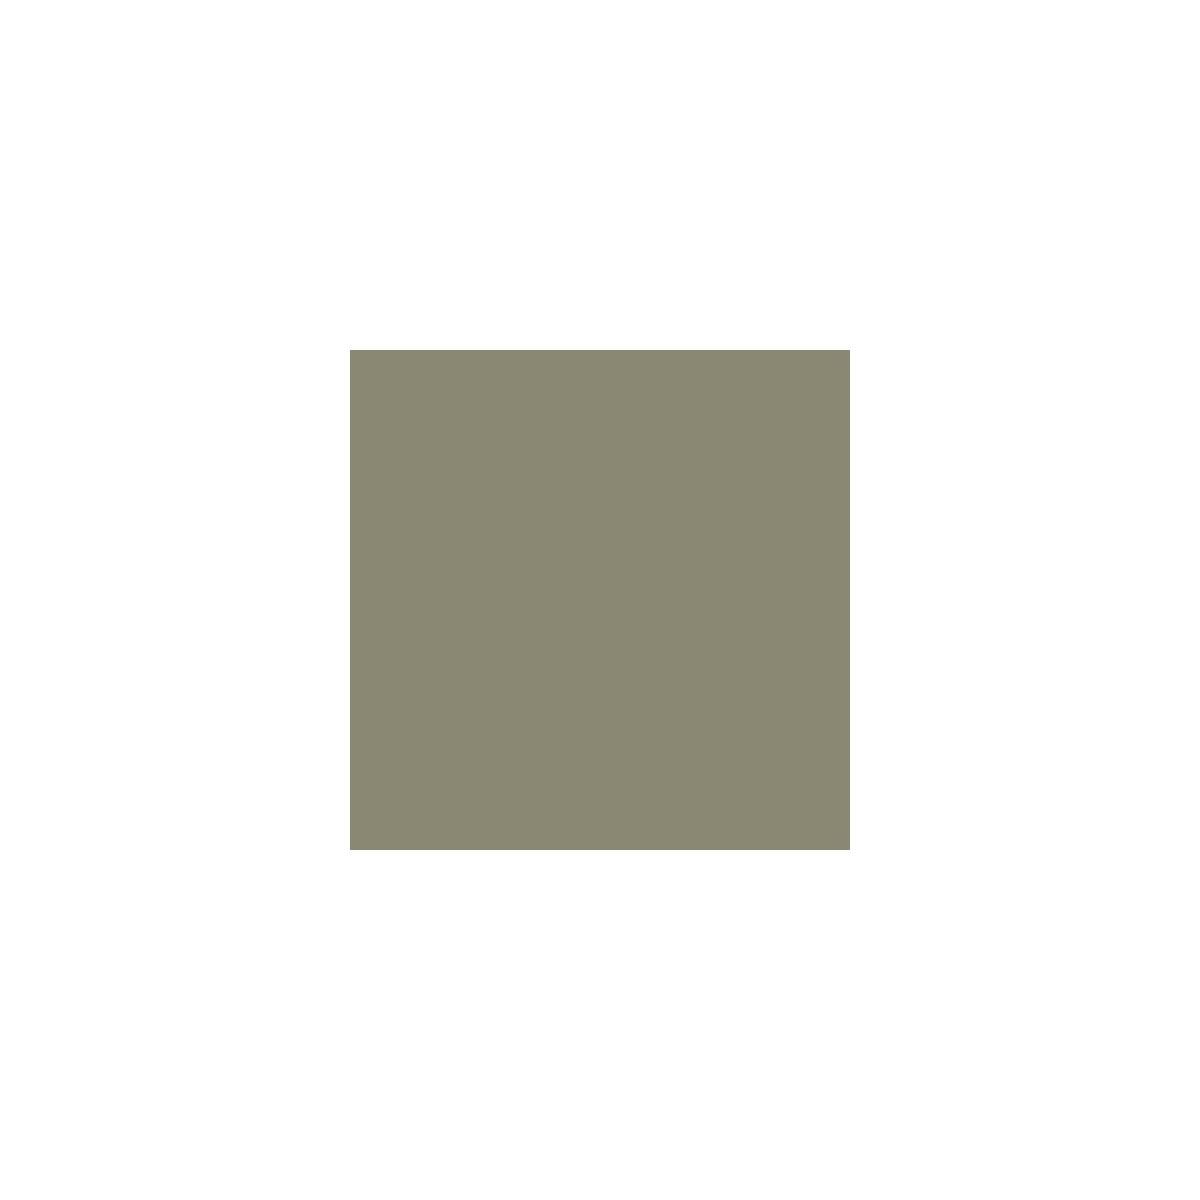 Taco Dome Oliva (ud) 4x4 - Suelo hidráulico Porcelánico para interior y exterior